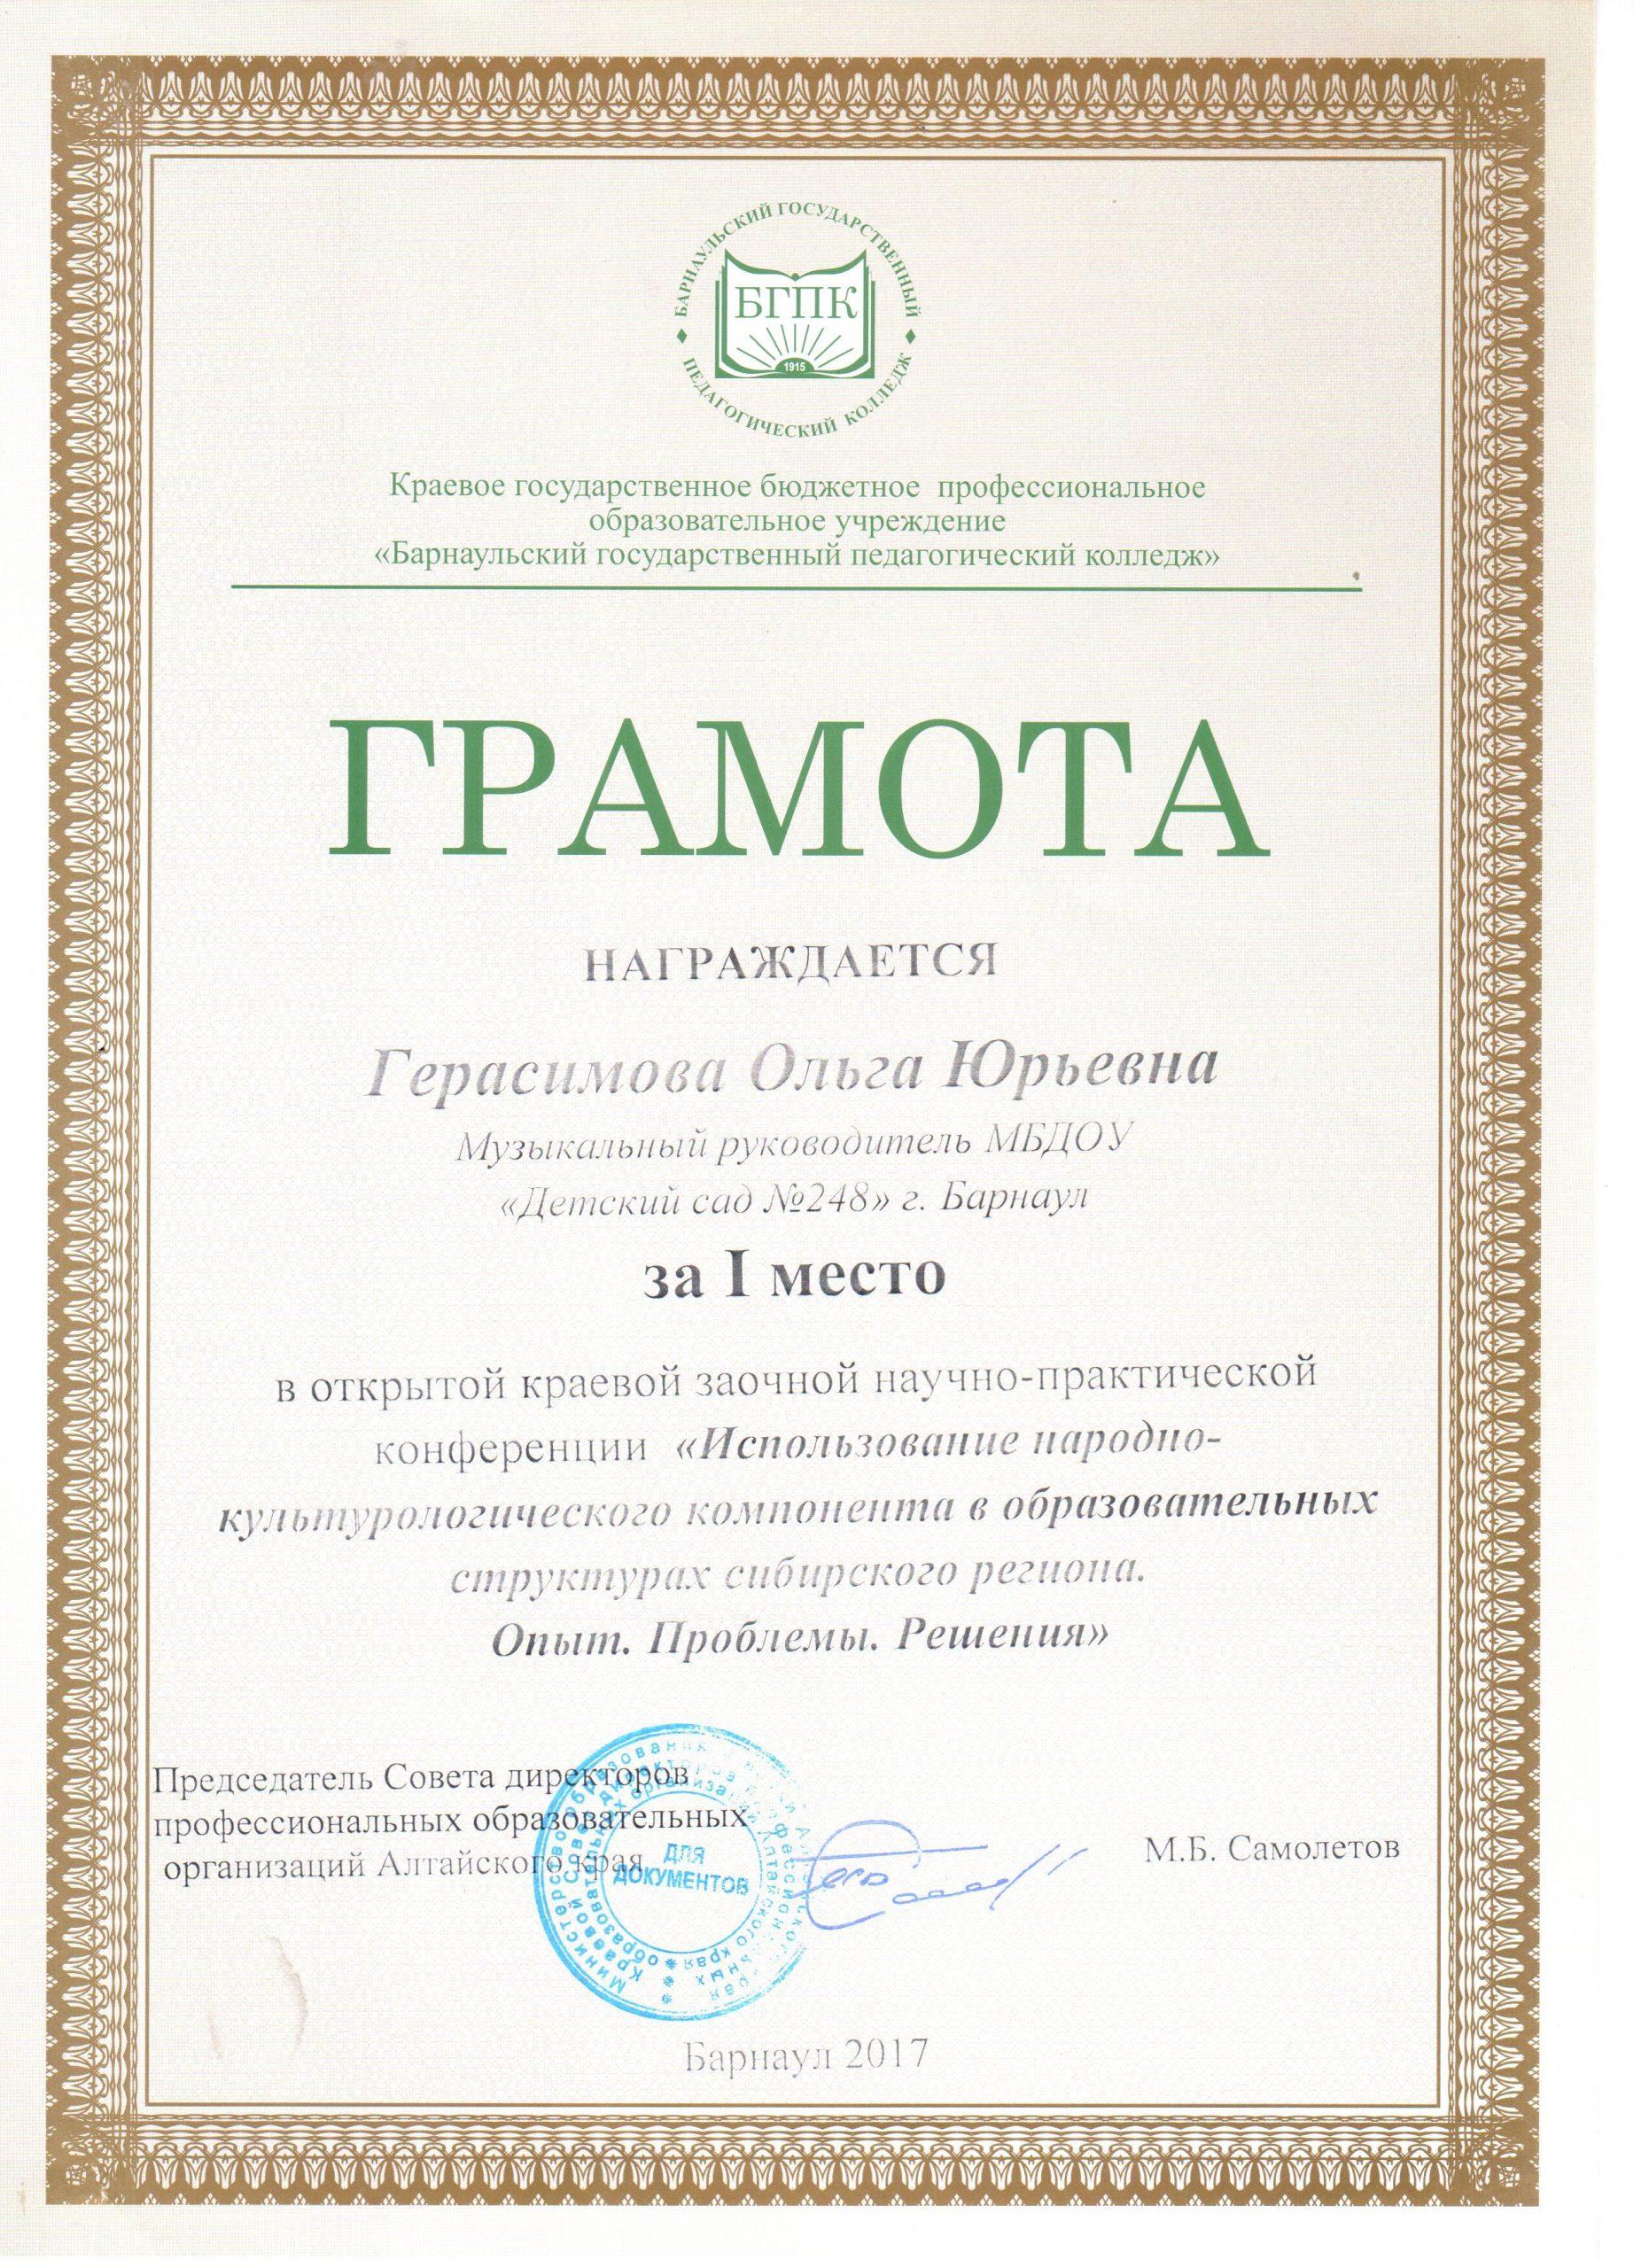 КОНФЕРЕНЦИЯ БГПК 2017